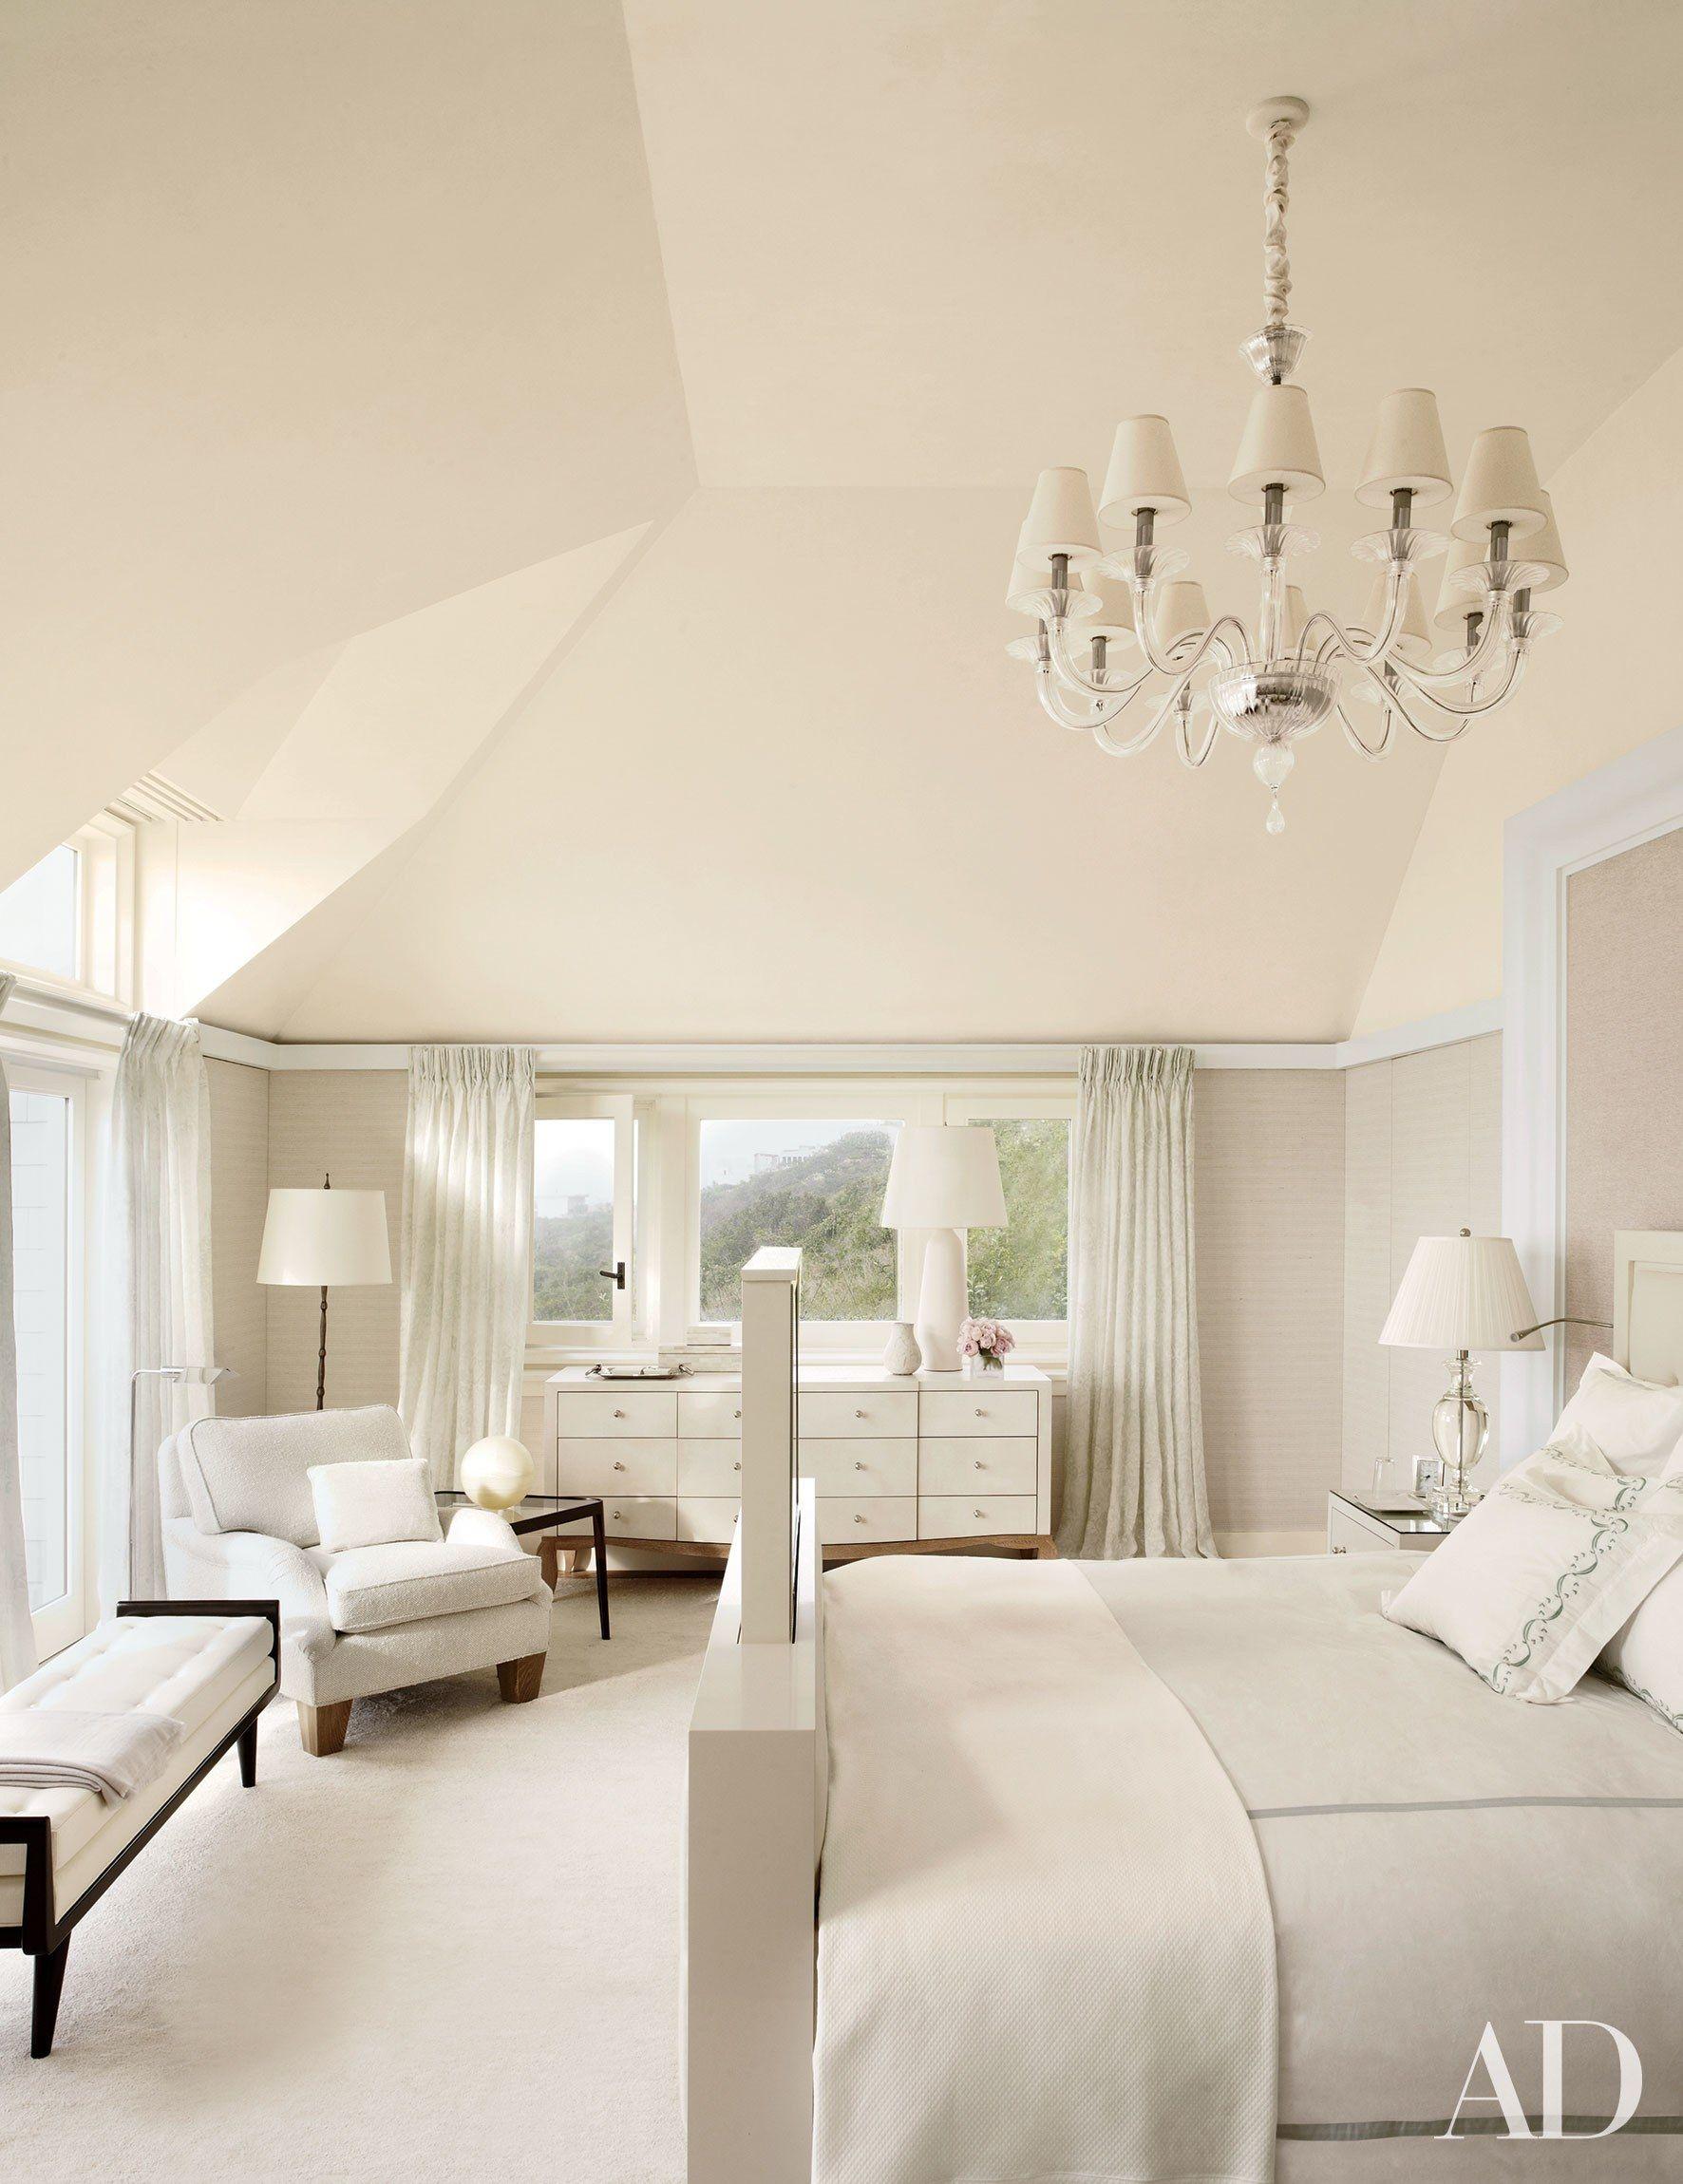 Bemerkenswert Fernseher Für Schlafzimmer Ideen Von Hidden Tv Ideas Photos | Architectural Digest